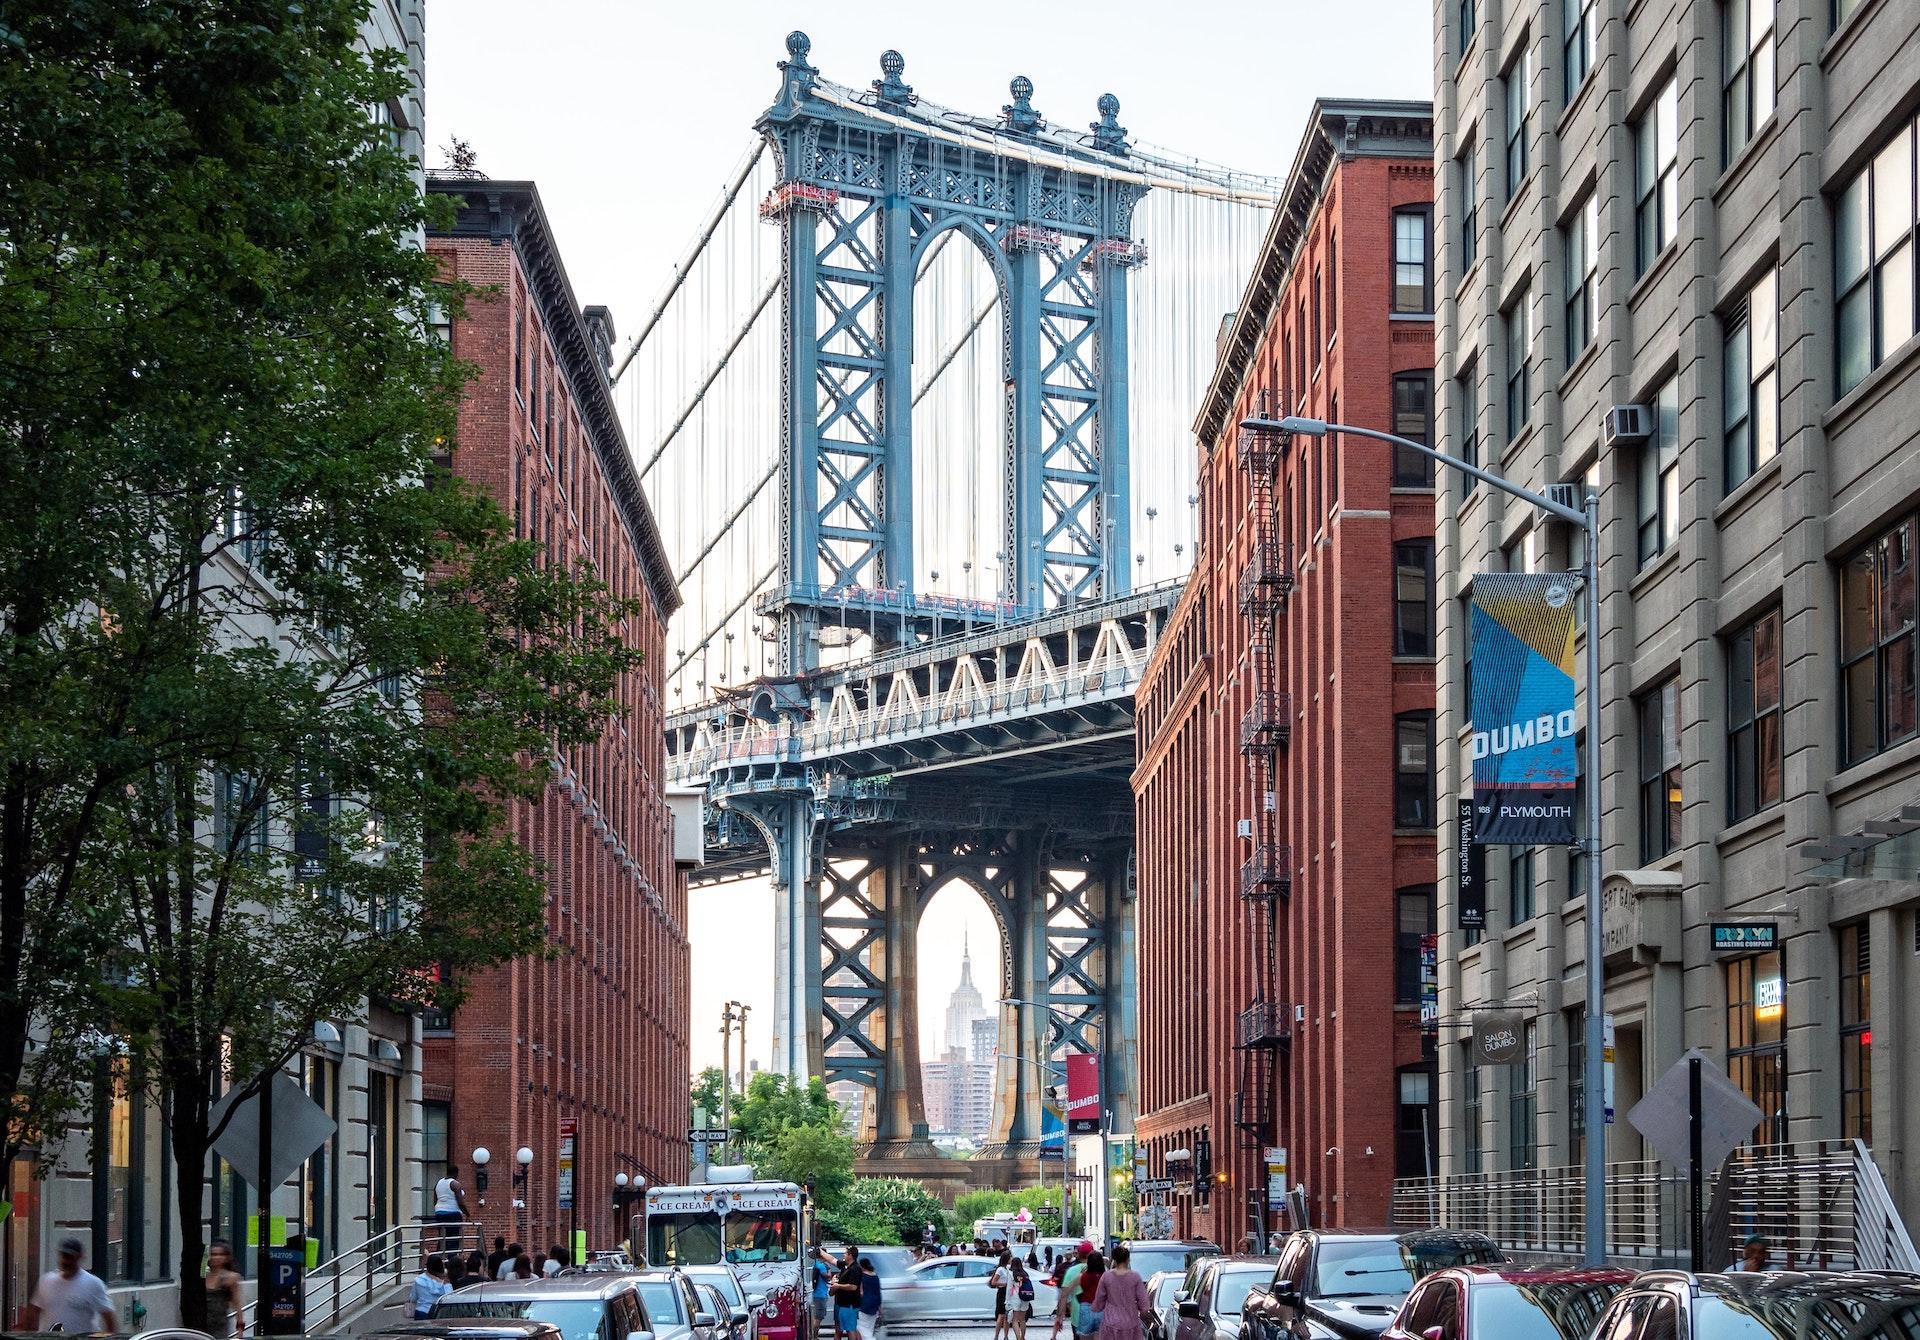 Wakacje w Nowym Jorku – co warto zobaczyć?